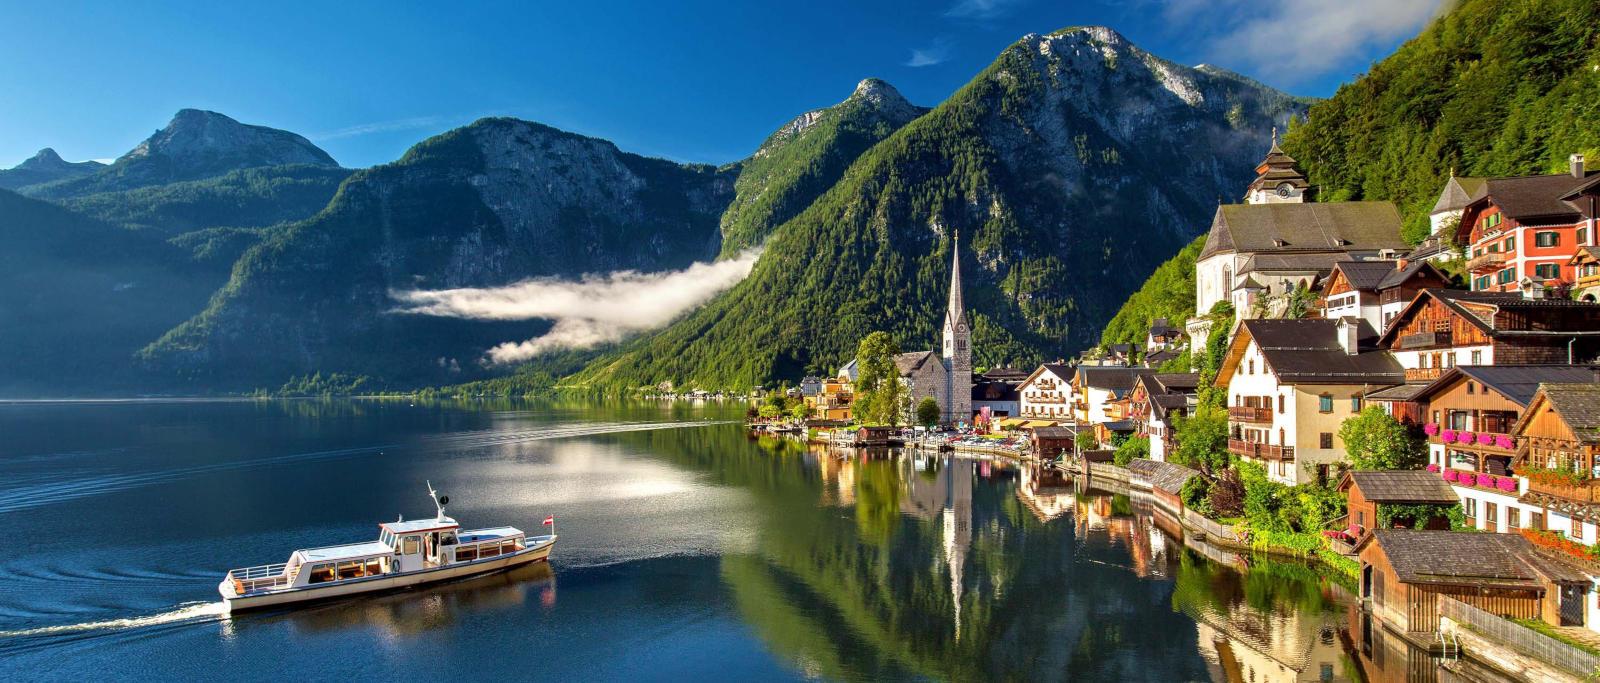 тури в Австрію